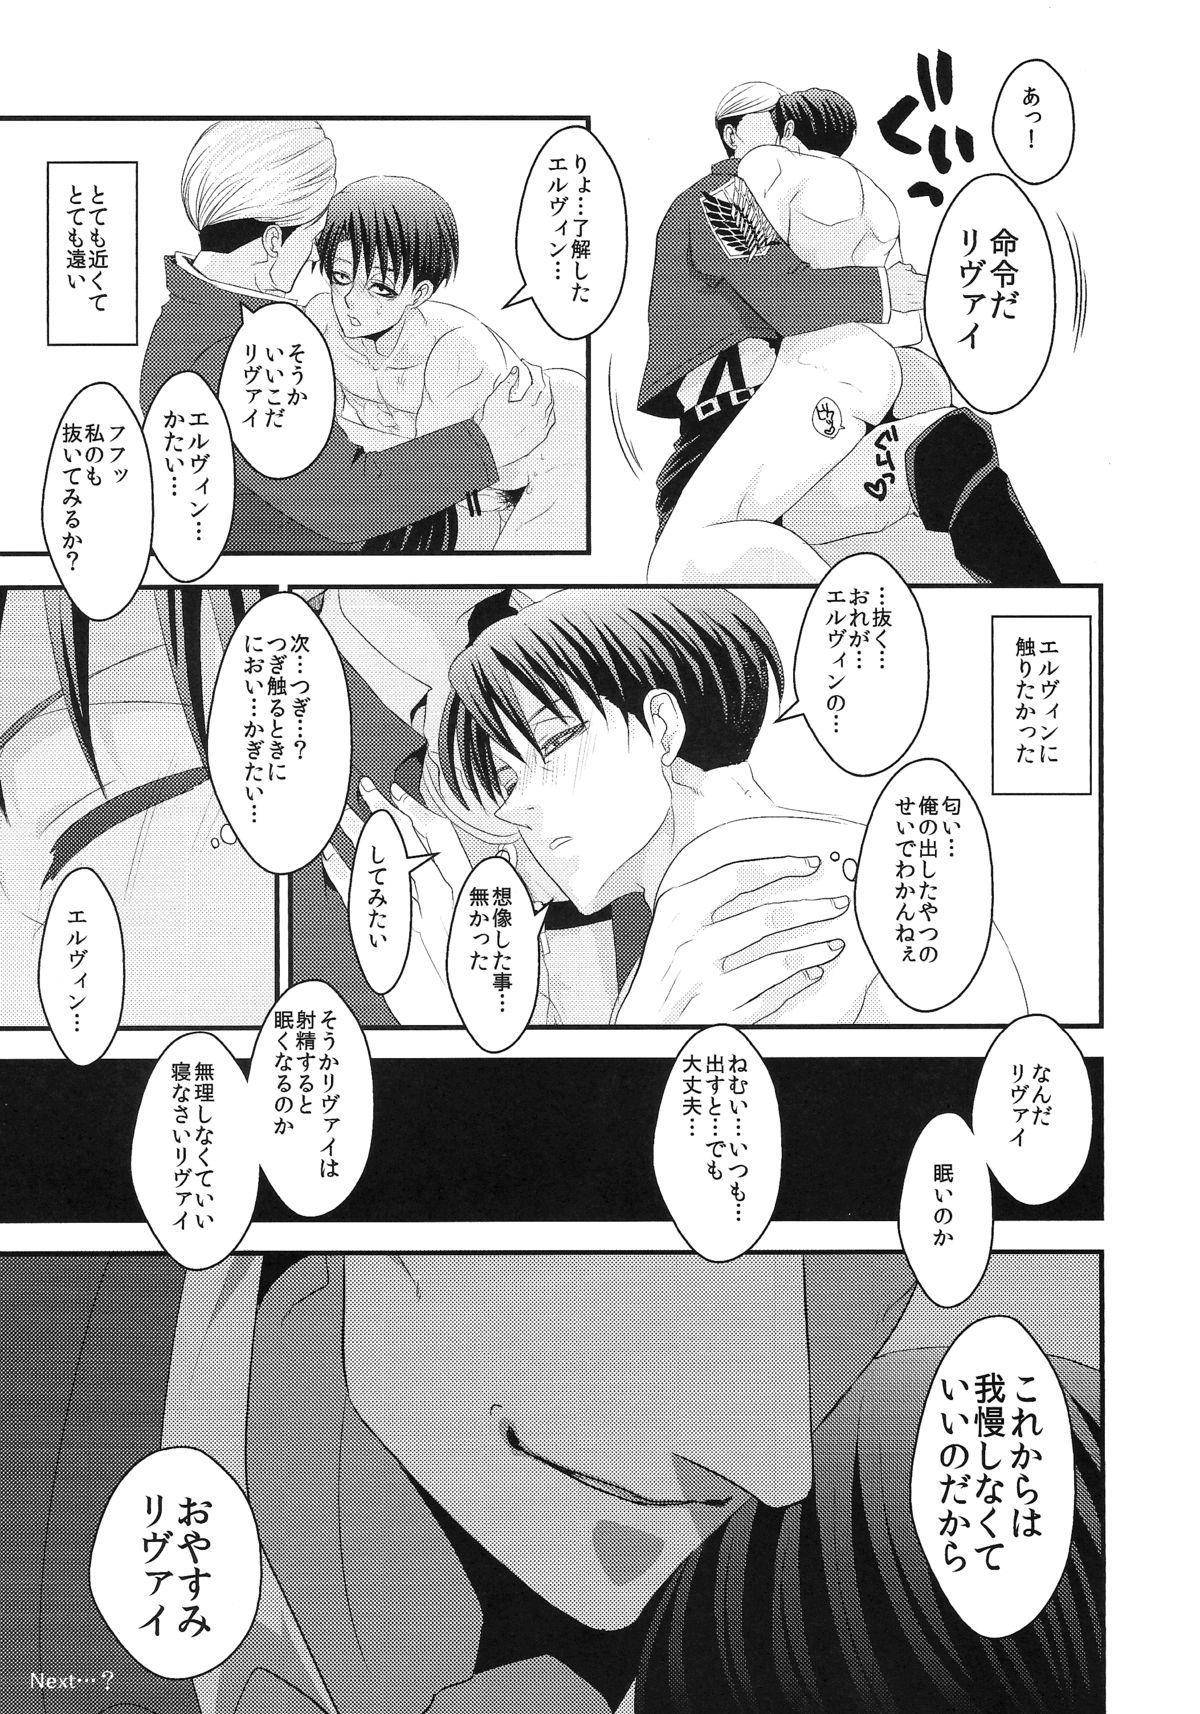 Ore no Kangaeta Ichiban Kantan na Kaiketsu Houhou o Warau Yatsu Korosu 20